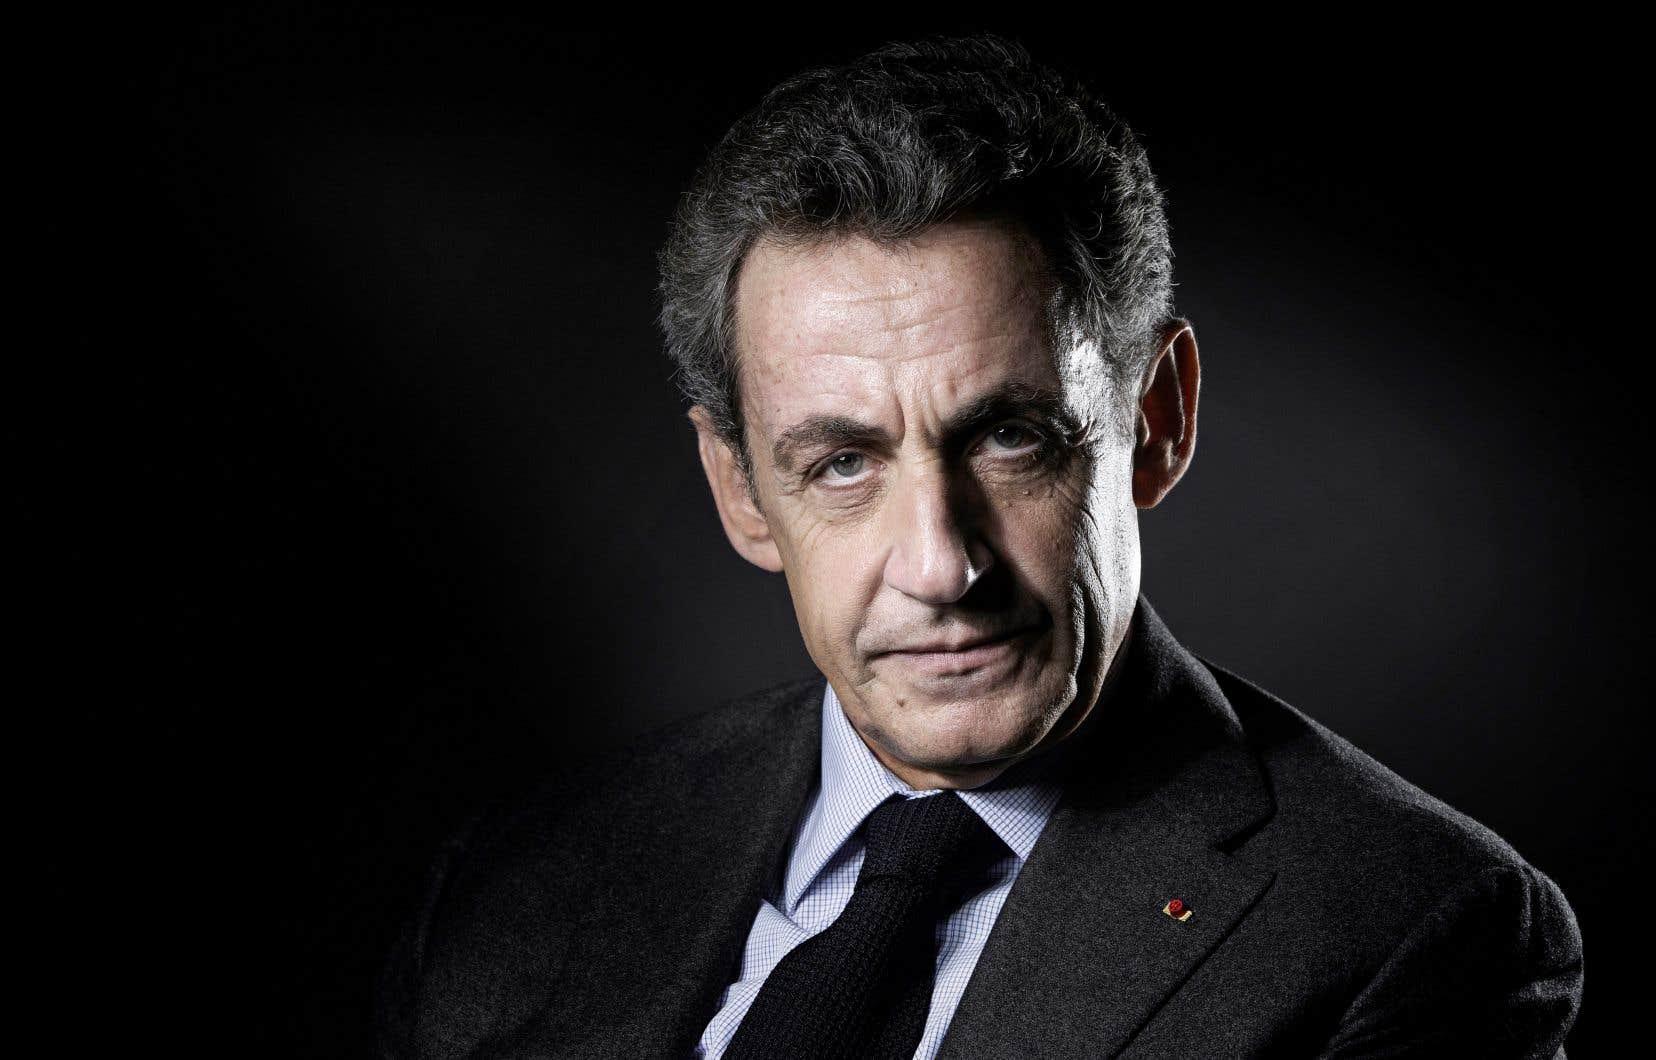 Nicolas Sarkozynie les faits qui lui sont reprochés.